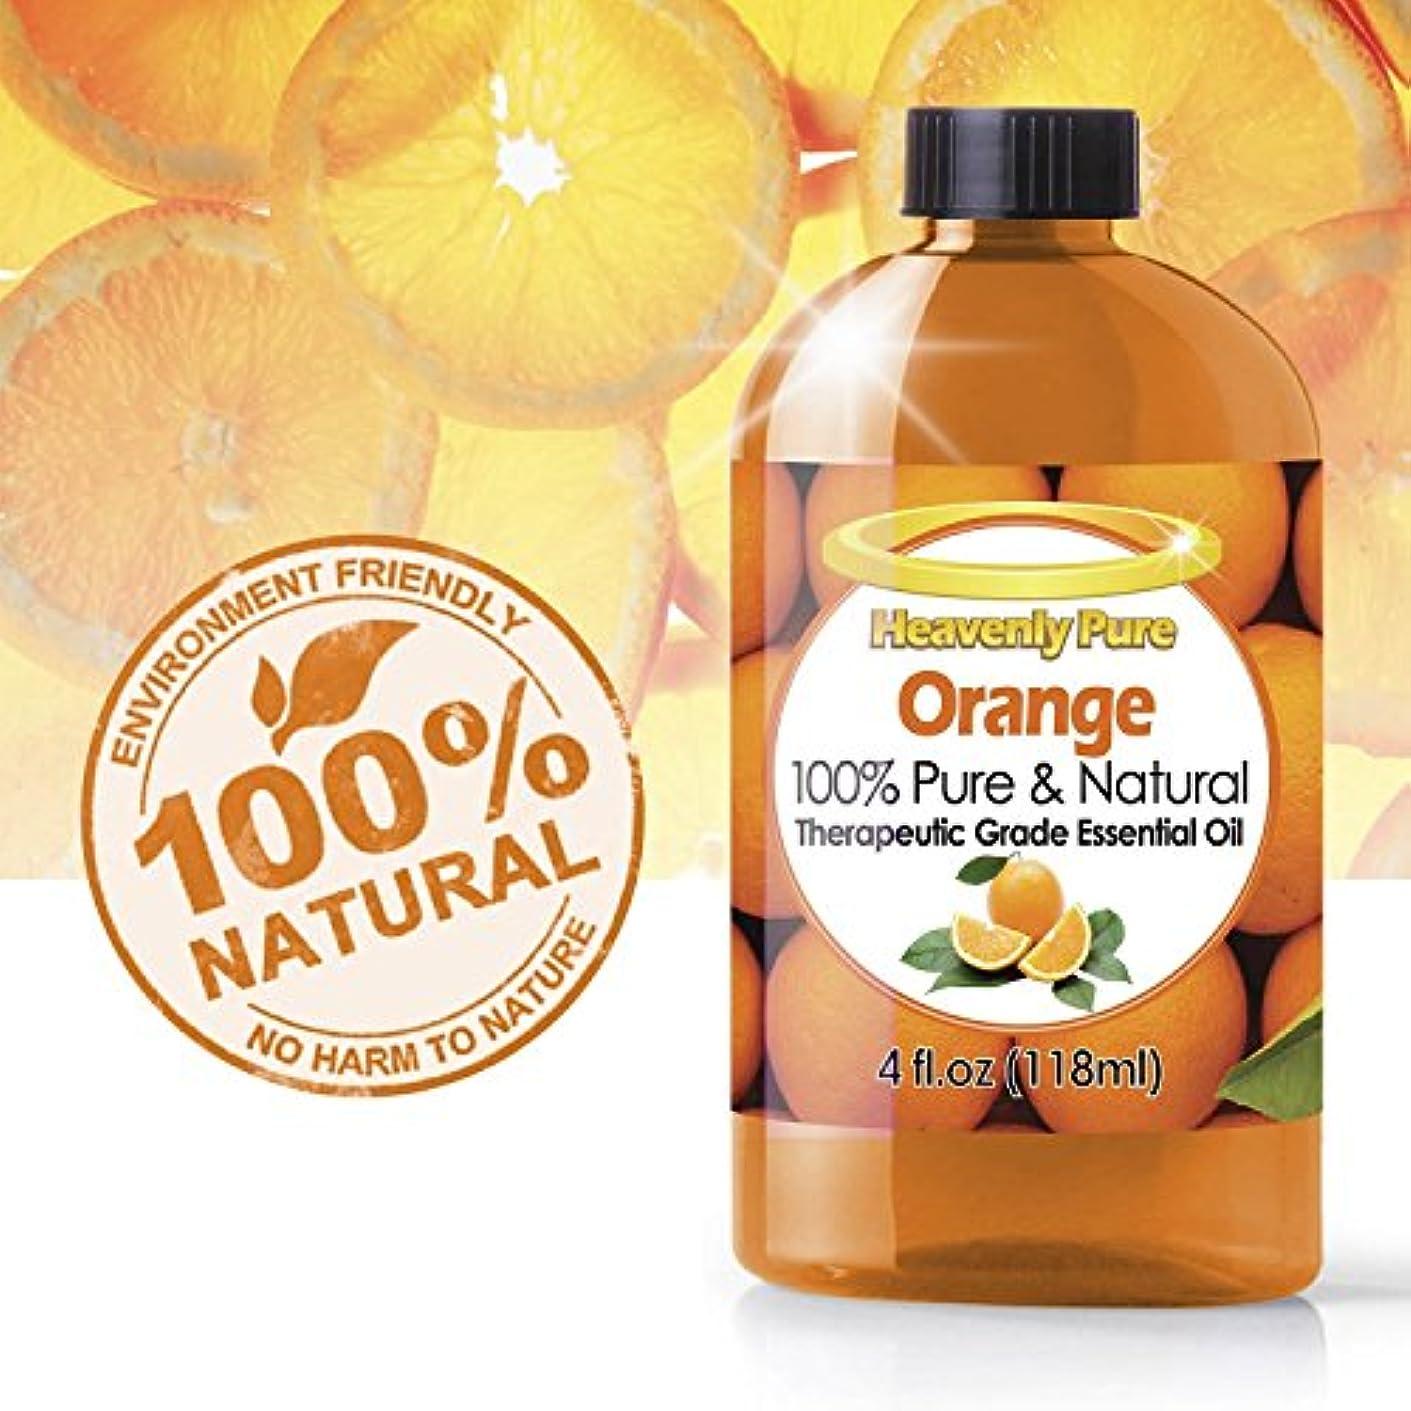 伝染性のコンプライアンスマルクス主義者オレンジエッセンシャルオイル(HUGE 4 OZ)アイドロップ剤 - 100%ピュア&ナチュラルスイートシトラスアロマ - 治療グレード - オレンジオイルはアロマセラピー、イミュニティ、天然抗菌、および洗浄に最適です